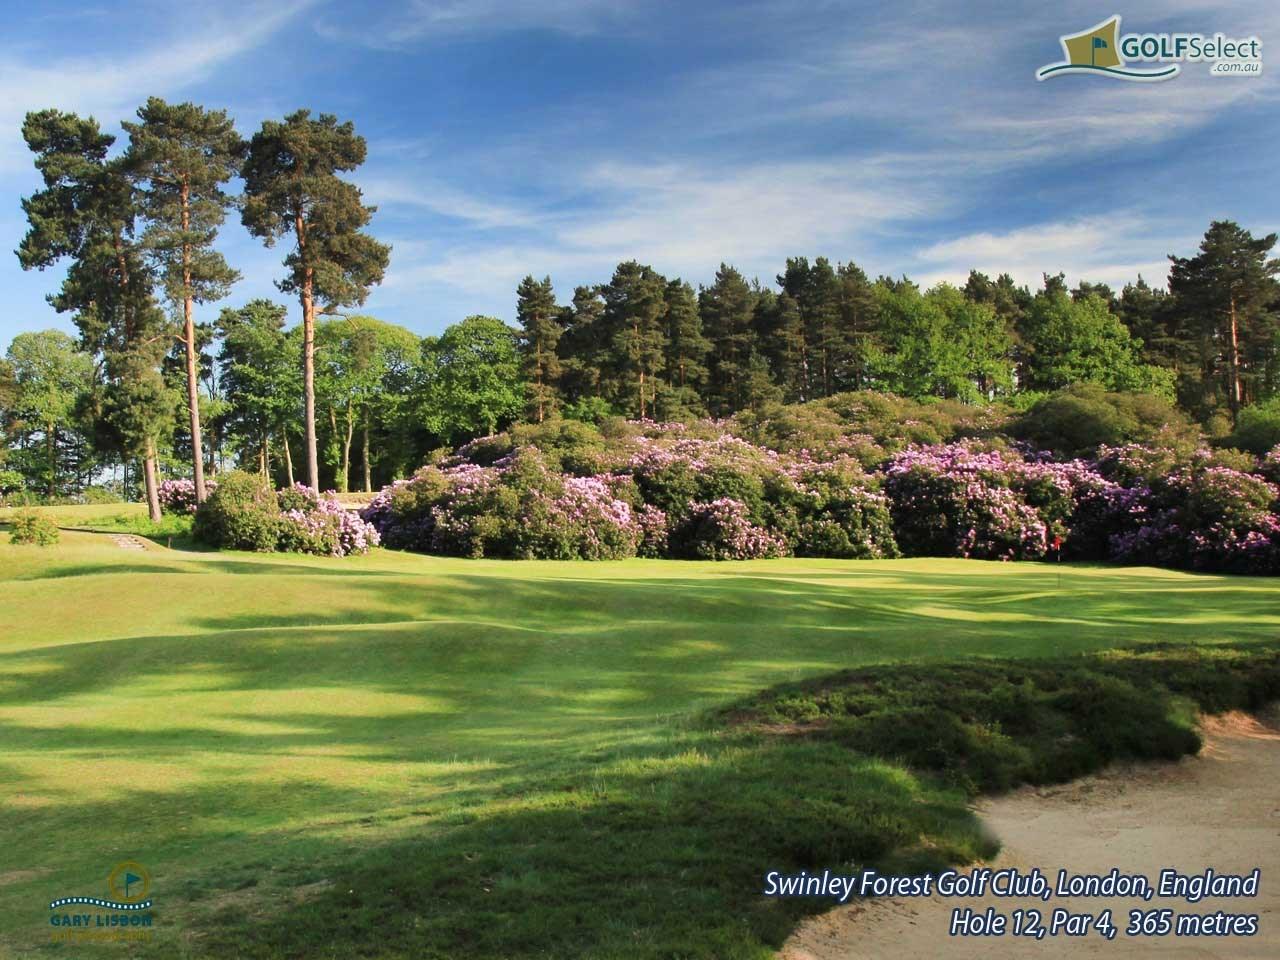 Golfselect Golf Wallpaper Swinley Forest Golf Club